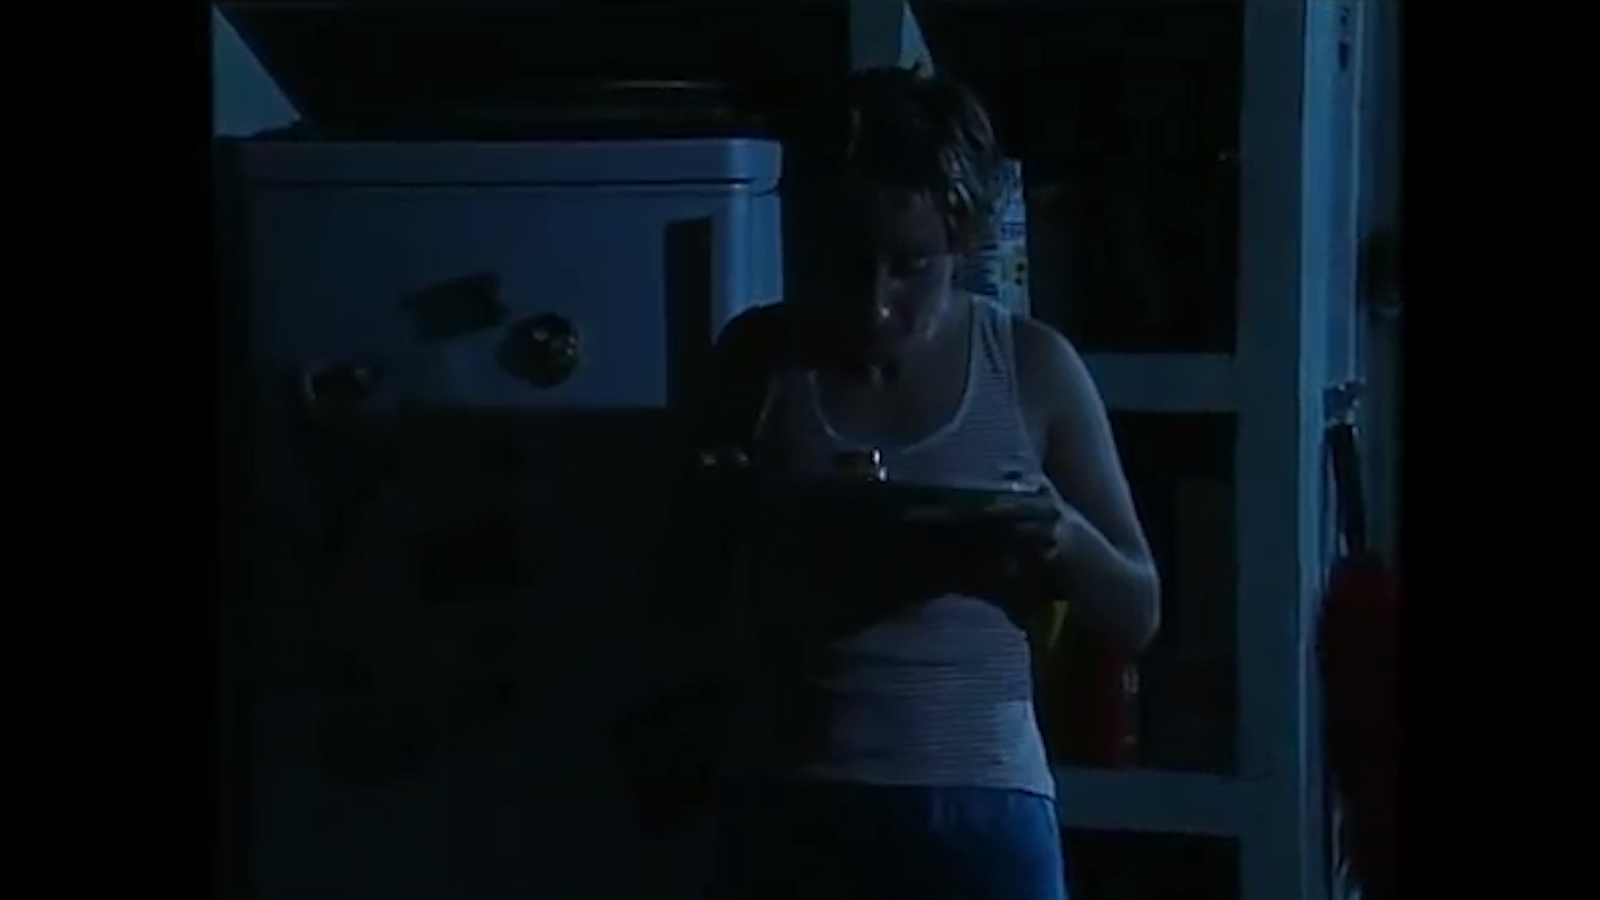 Què passa amb el flam que el Lopes guardava amb tant d'afecte a la nevera?